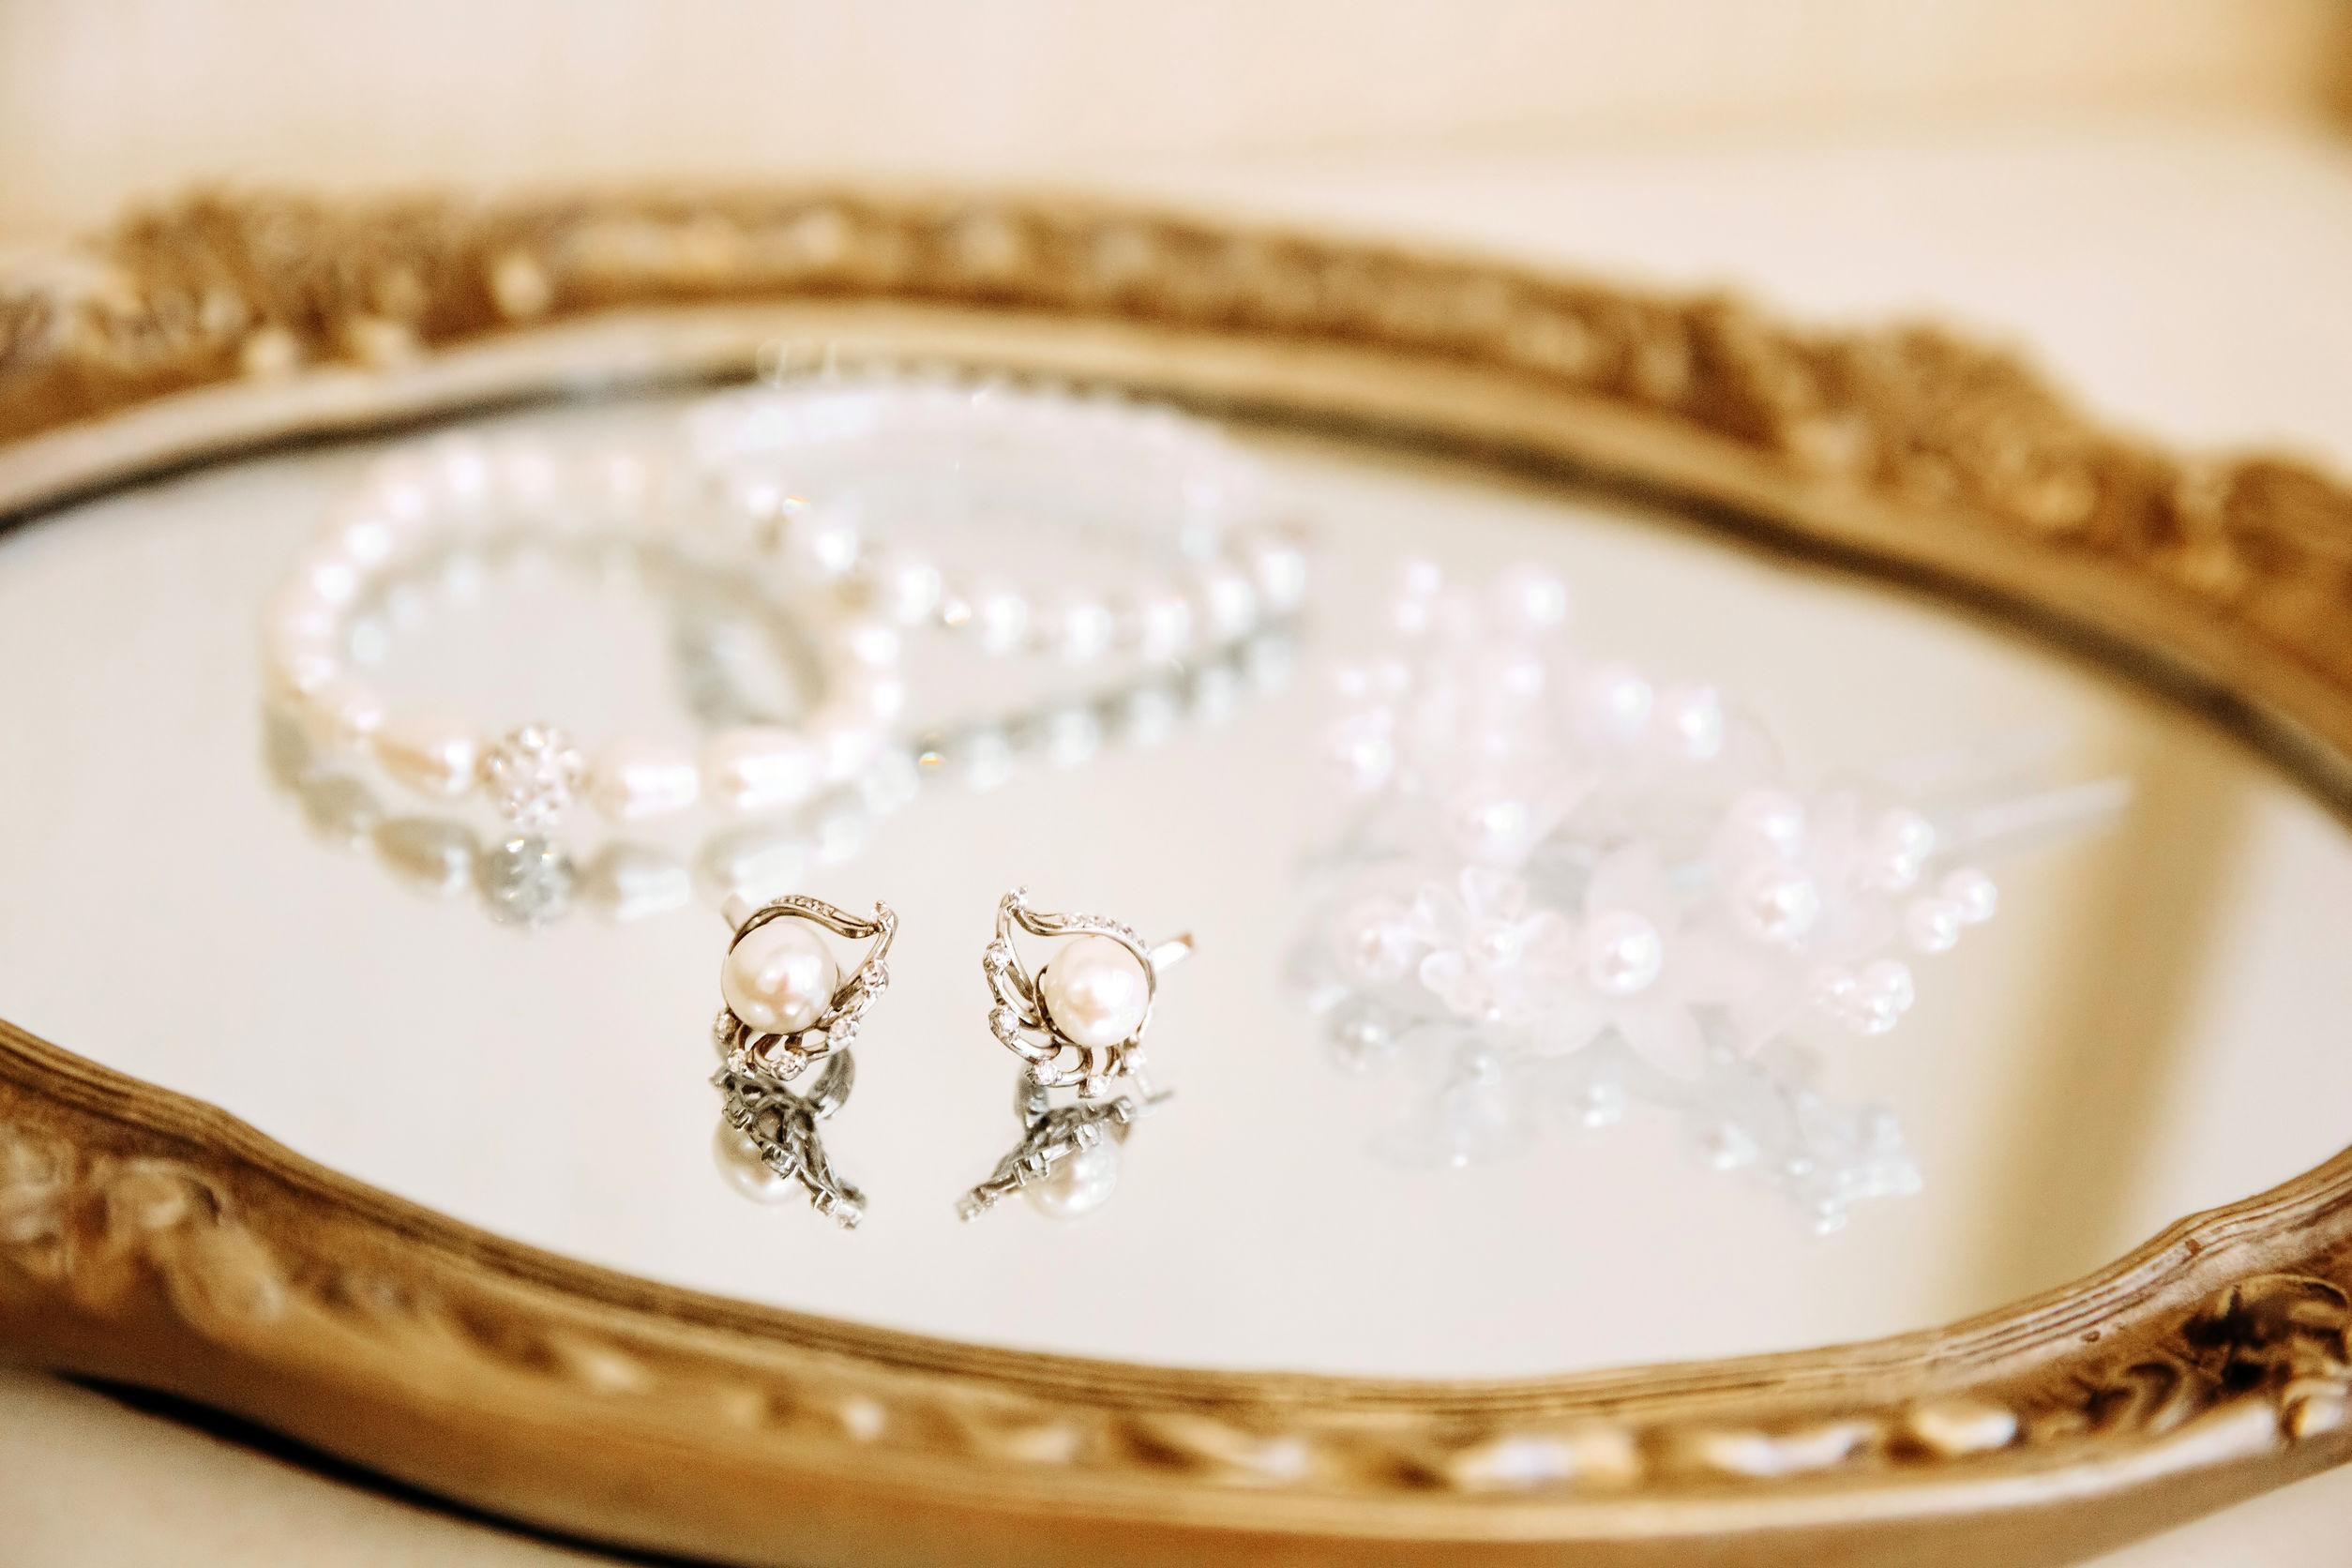 Na foto um par de brincos e pulseiras em cima de uma bandeja espelhada.